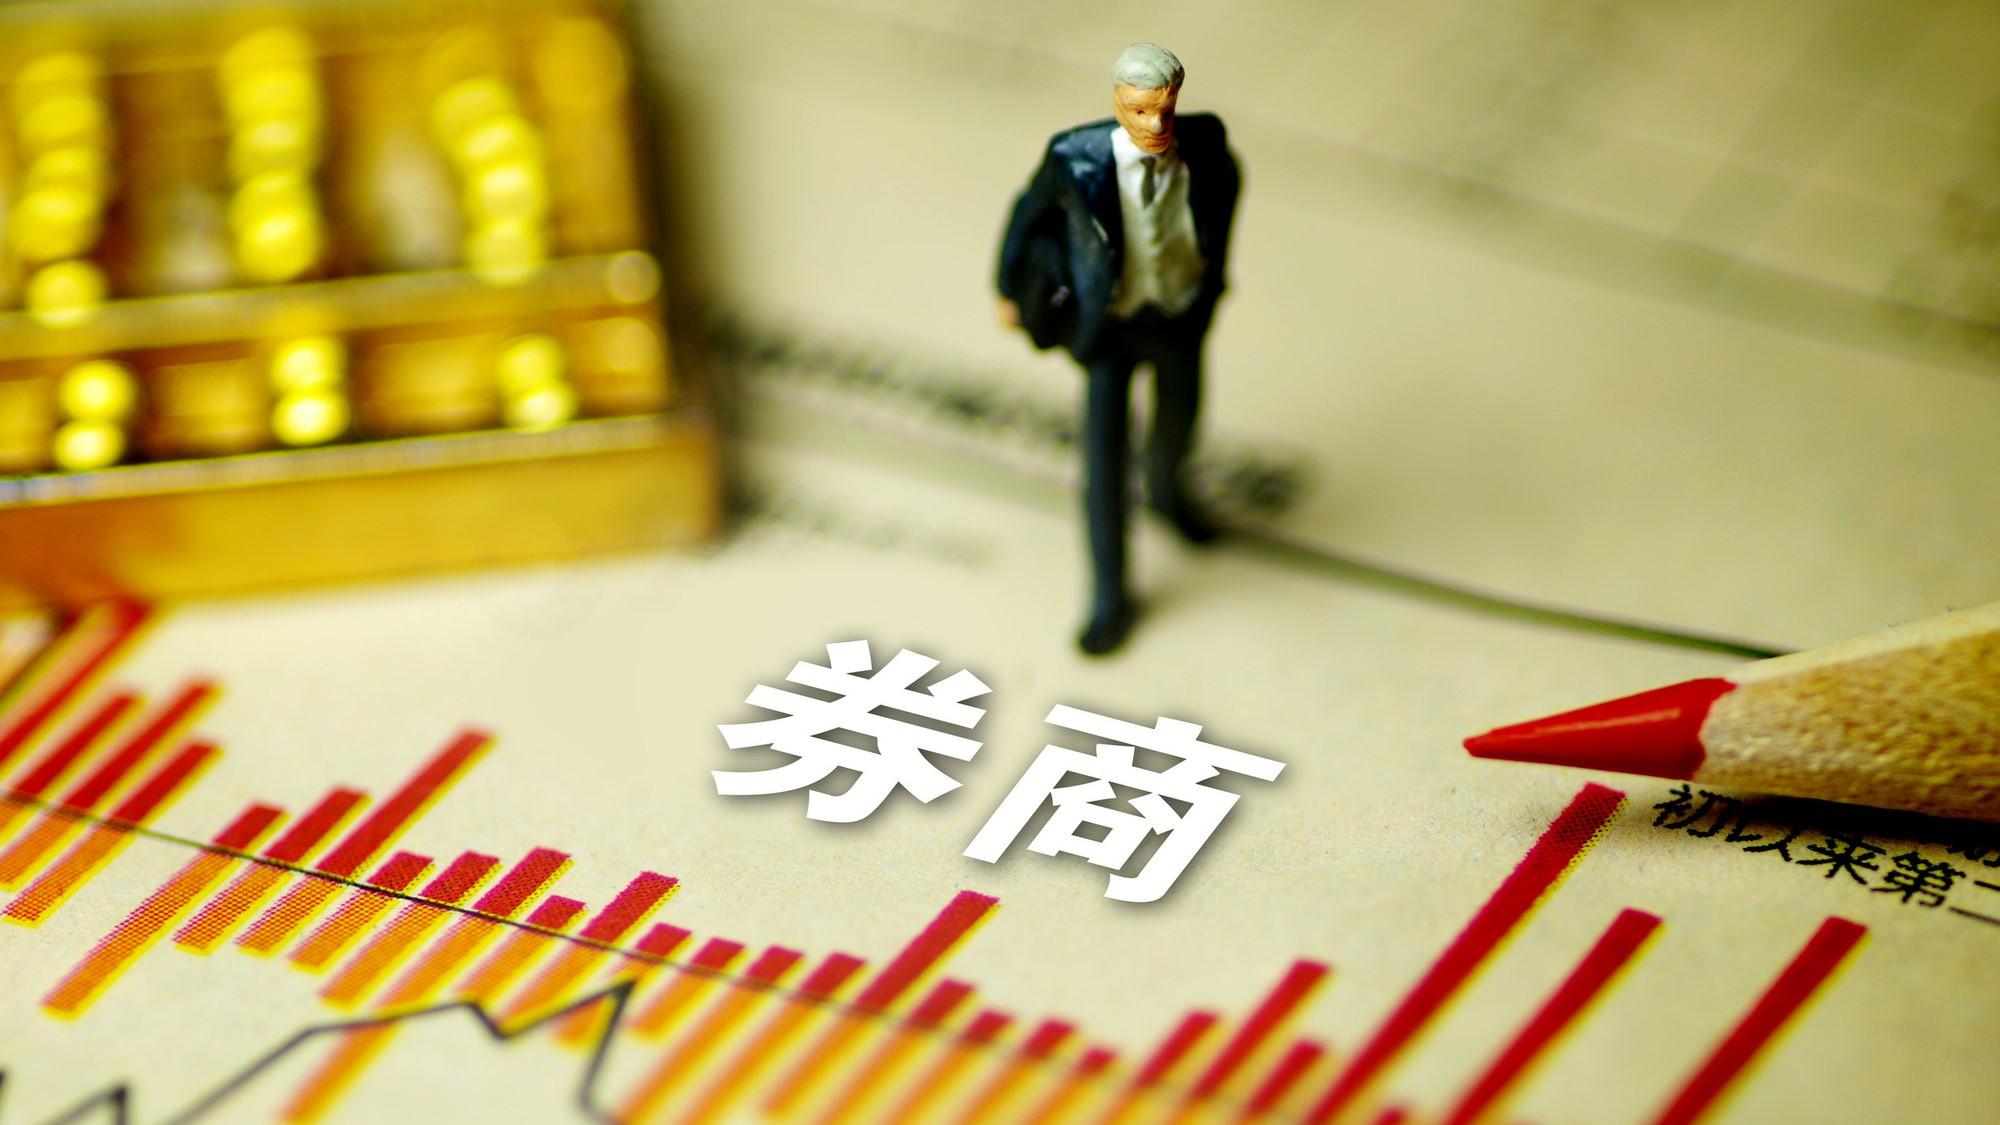 中信证券业绩小幅波动的背后